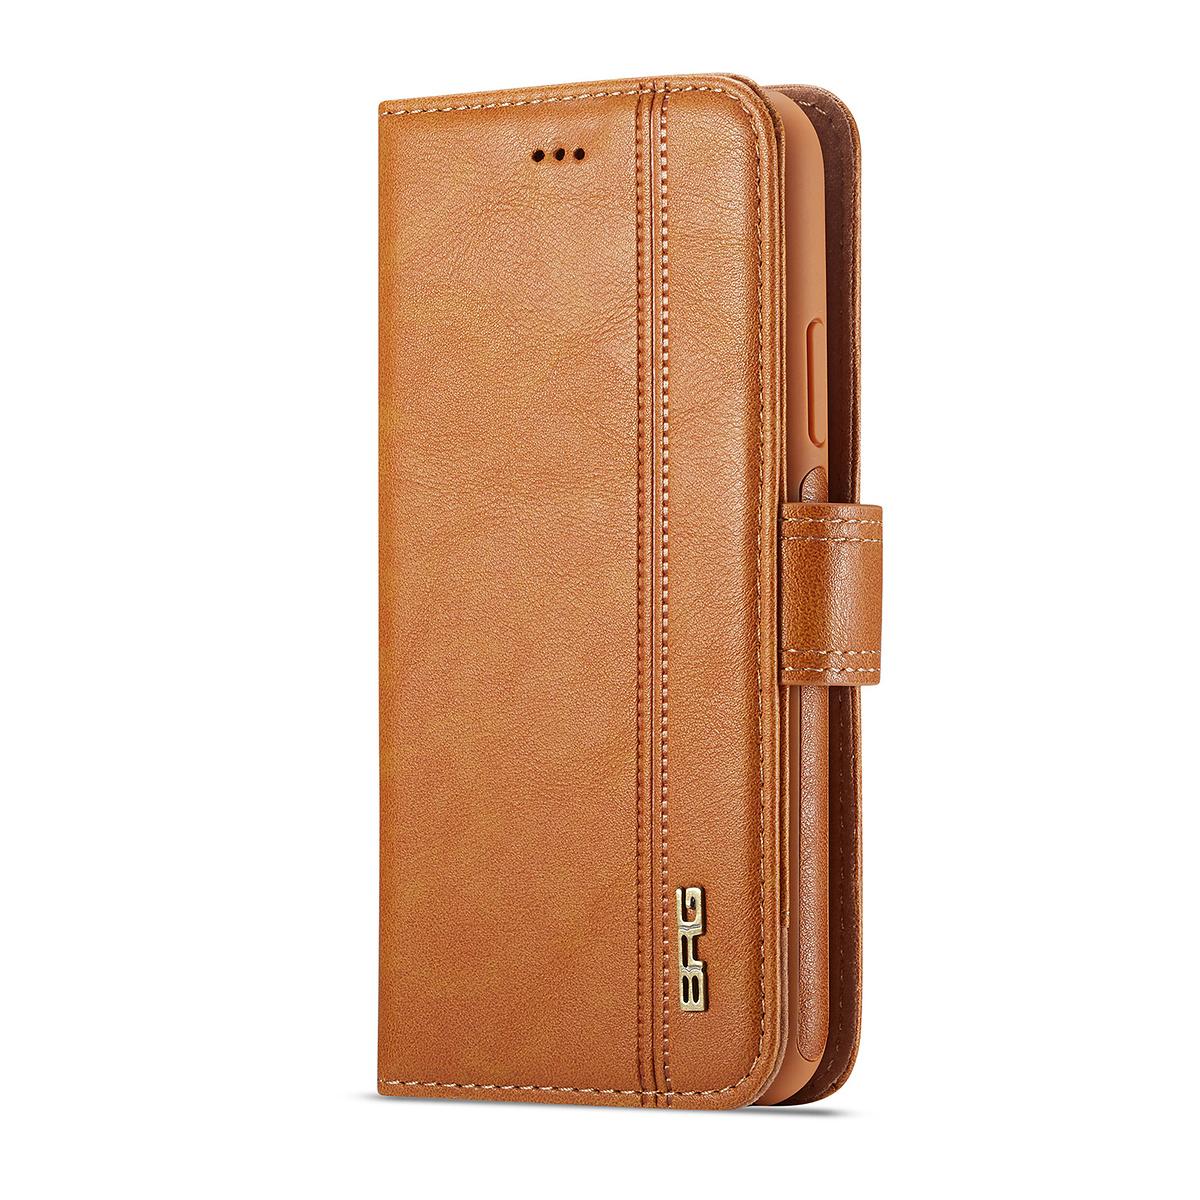 BRG Luxury plånboksfodral med ställ till iPhone 11 Pro, brun